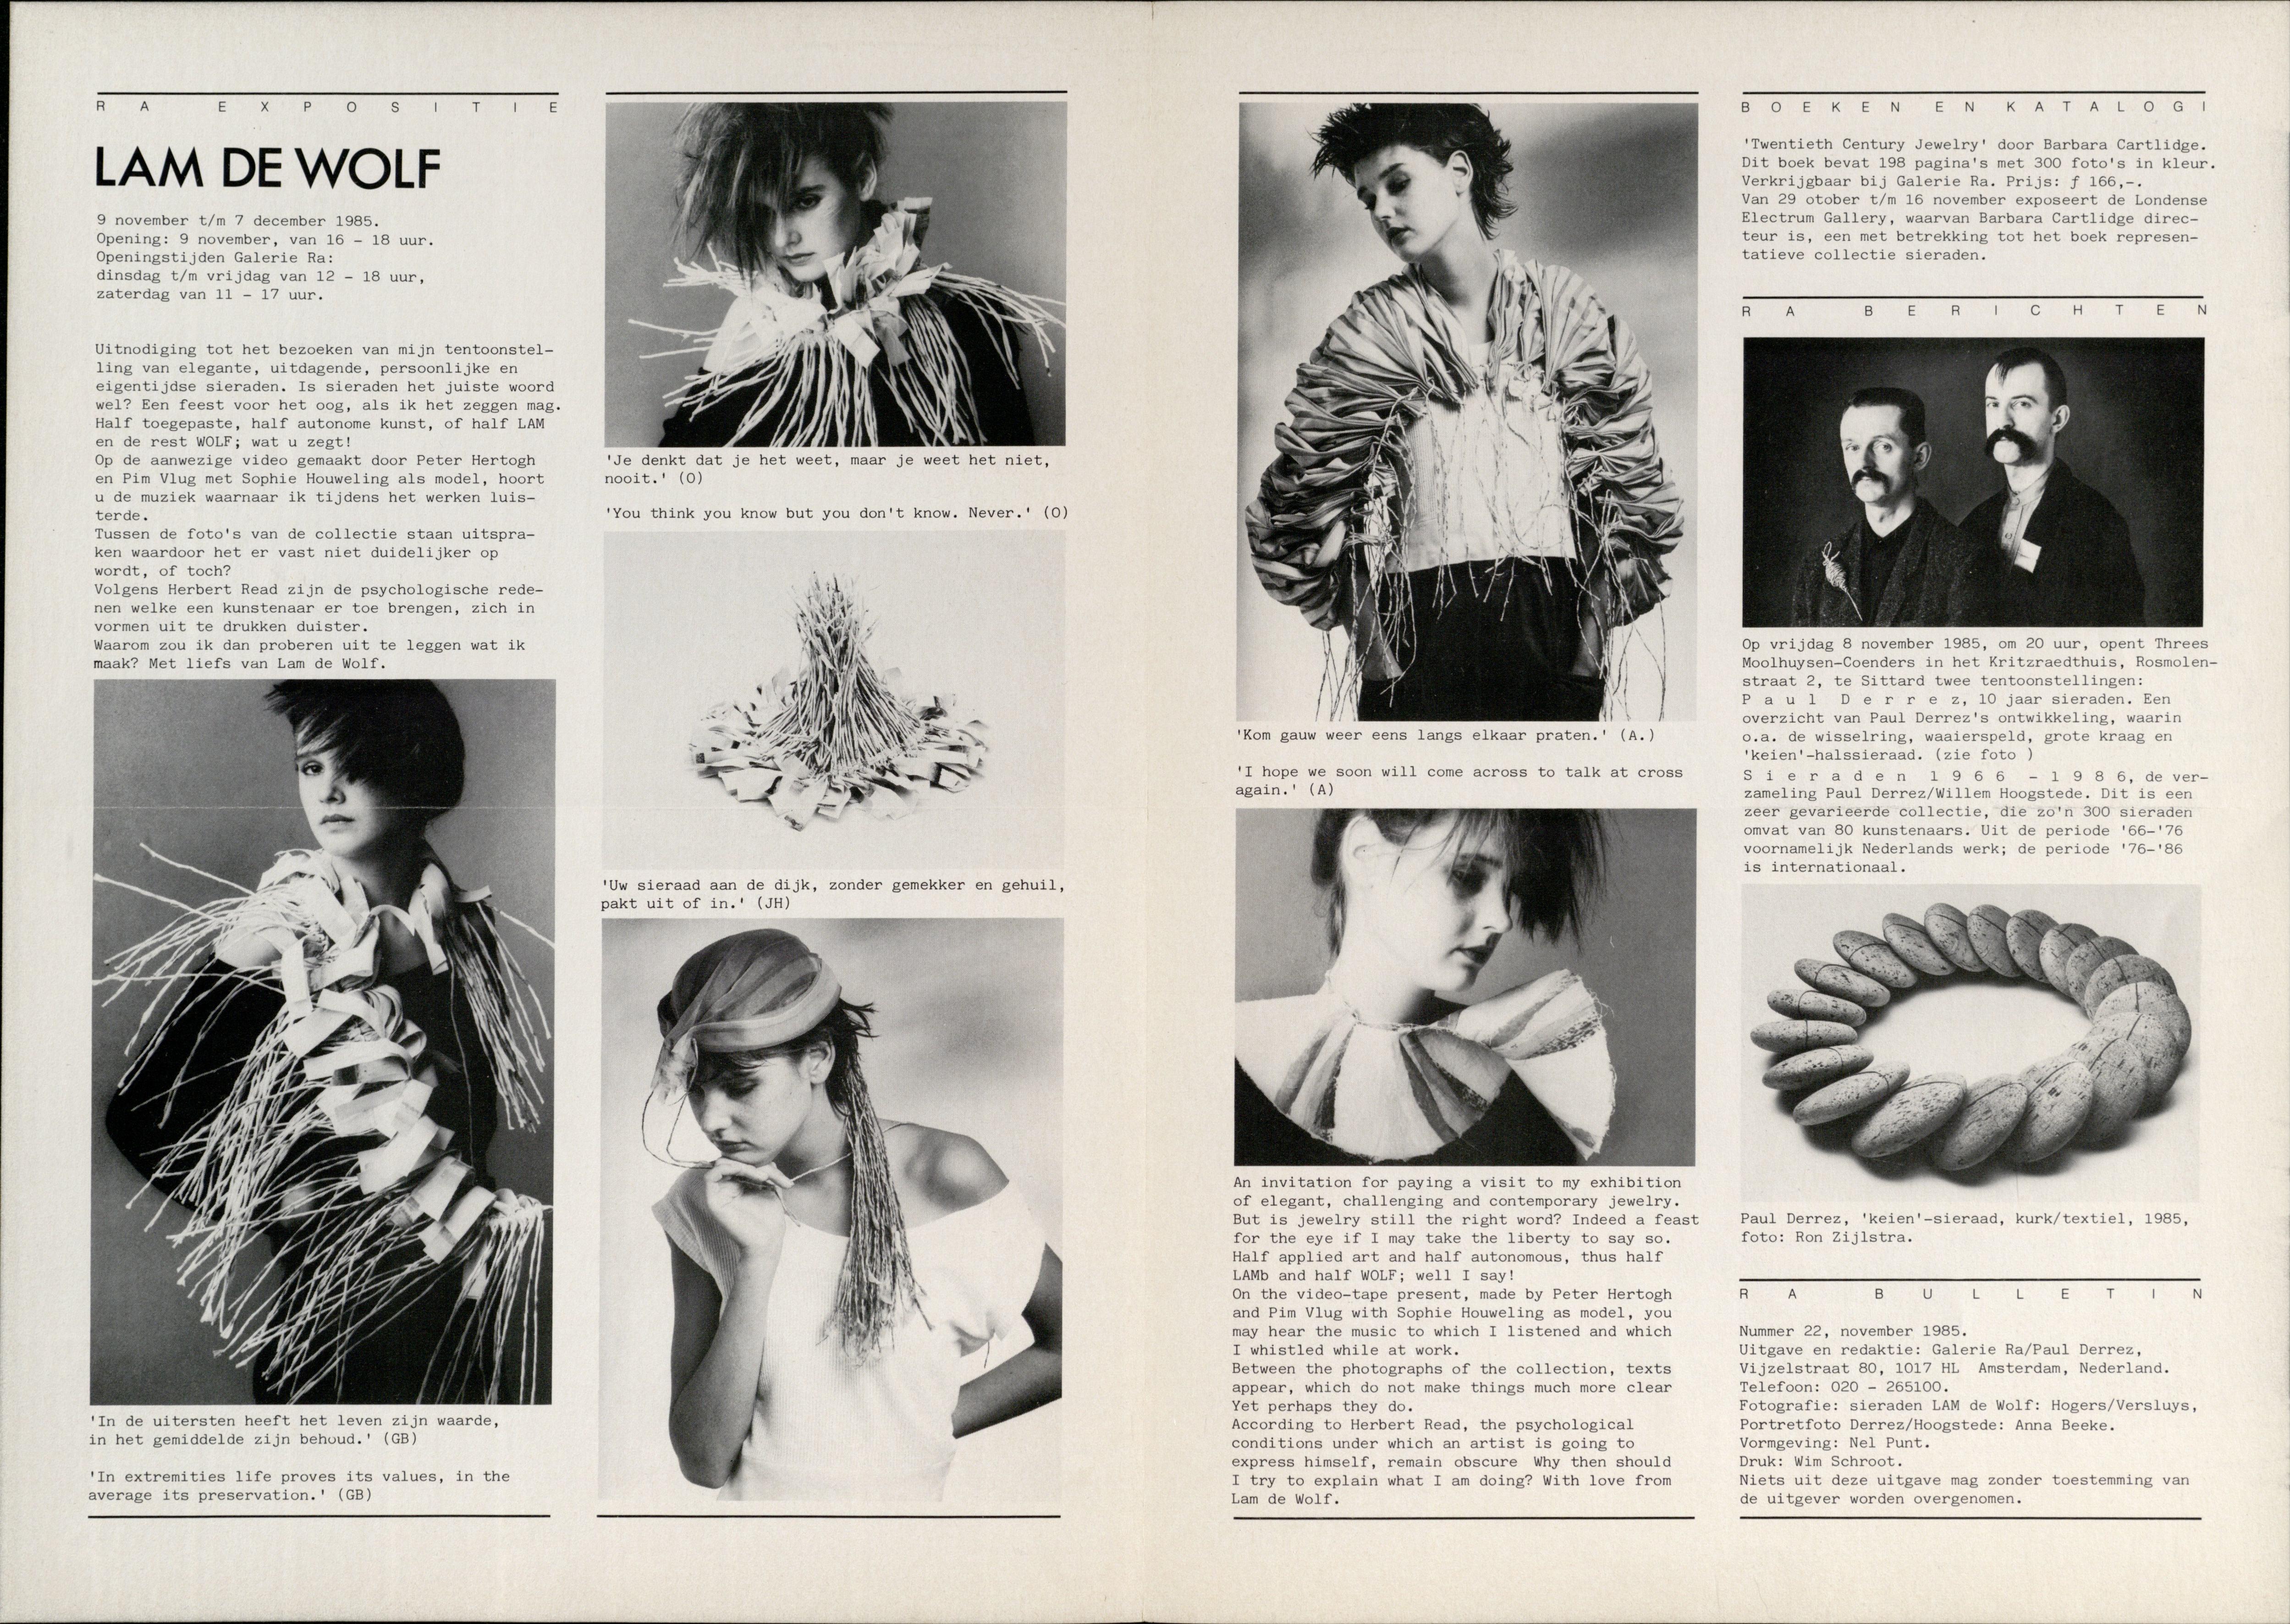 Ra Bulletin 22, november 1985, achterzijde met tekst en foto's van Anna Beeke en Ron Zijlstra Hogers/Versluys, drukwerk, papier, textiel, Paul Derrez, kurk, Threes Moolhuysen-Coenders